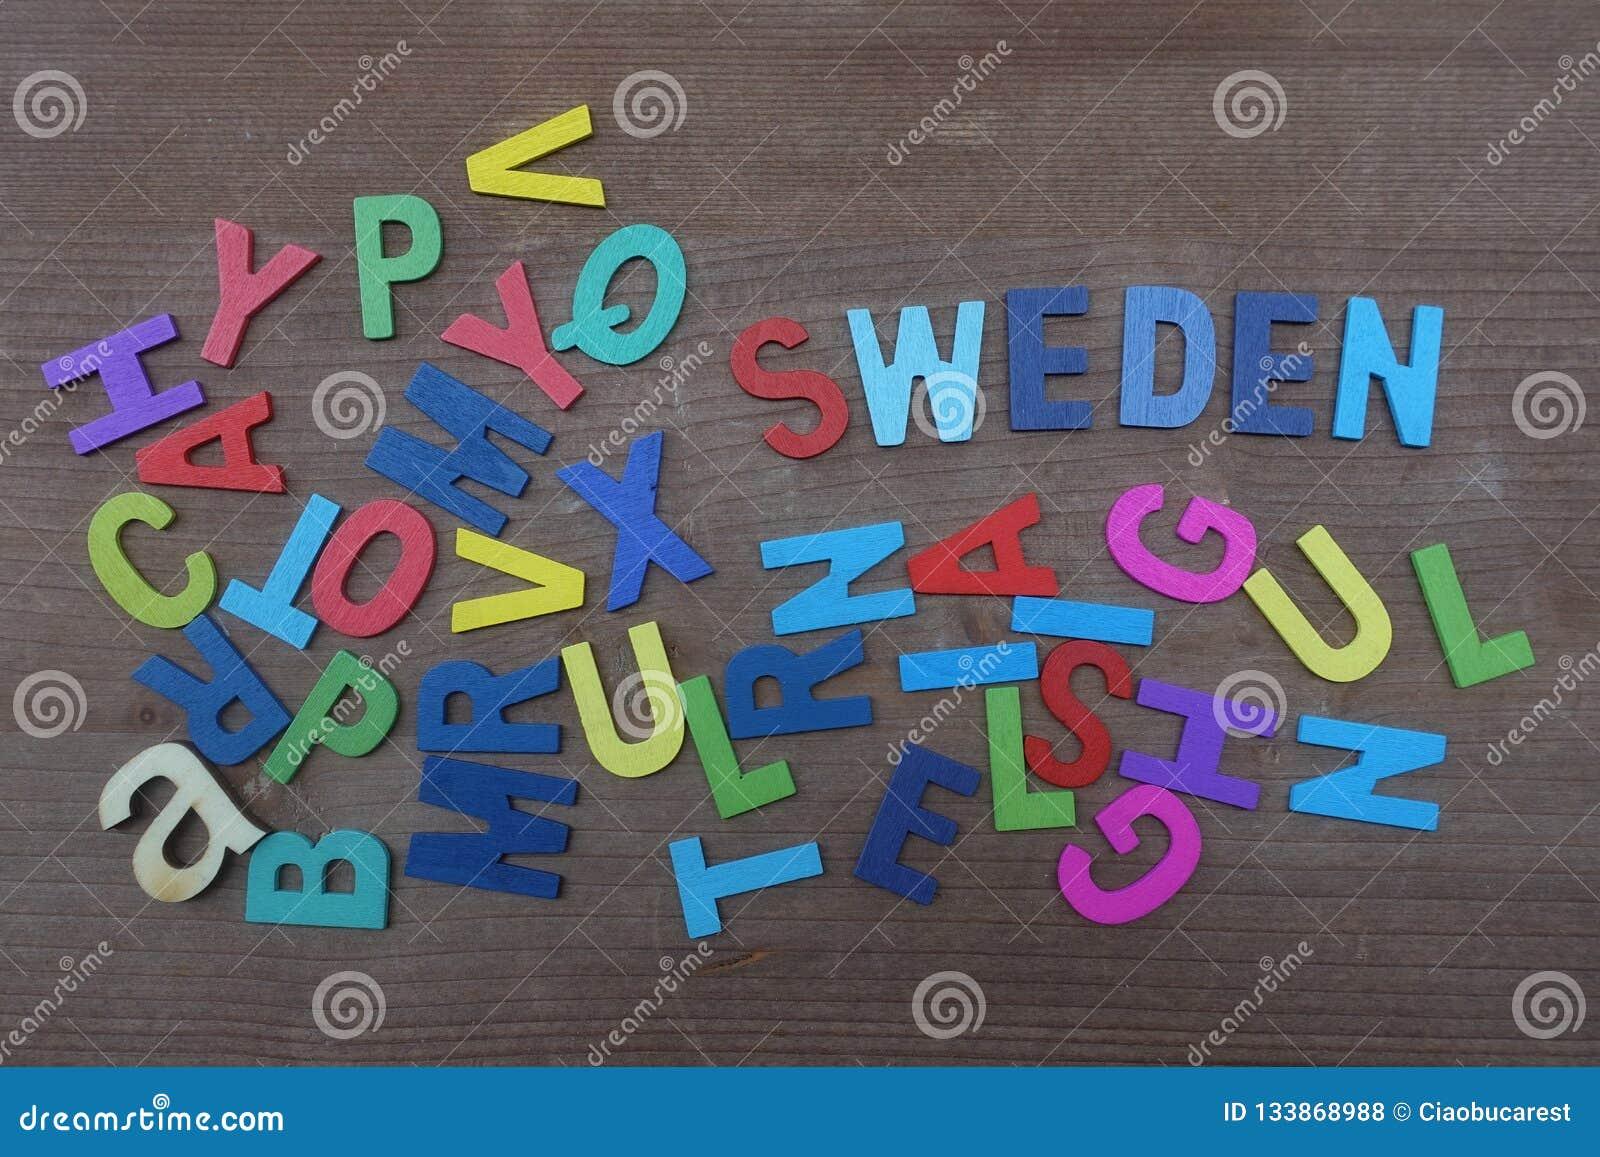 Lettere Di Legno Colorate : Nome della svezia paese con una composizione delle lettere di legno